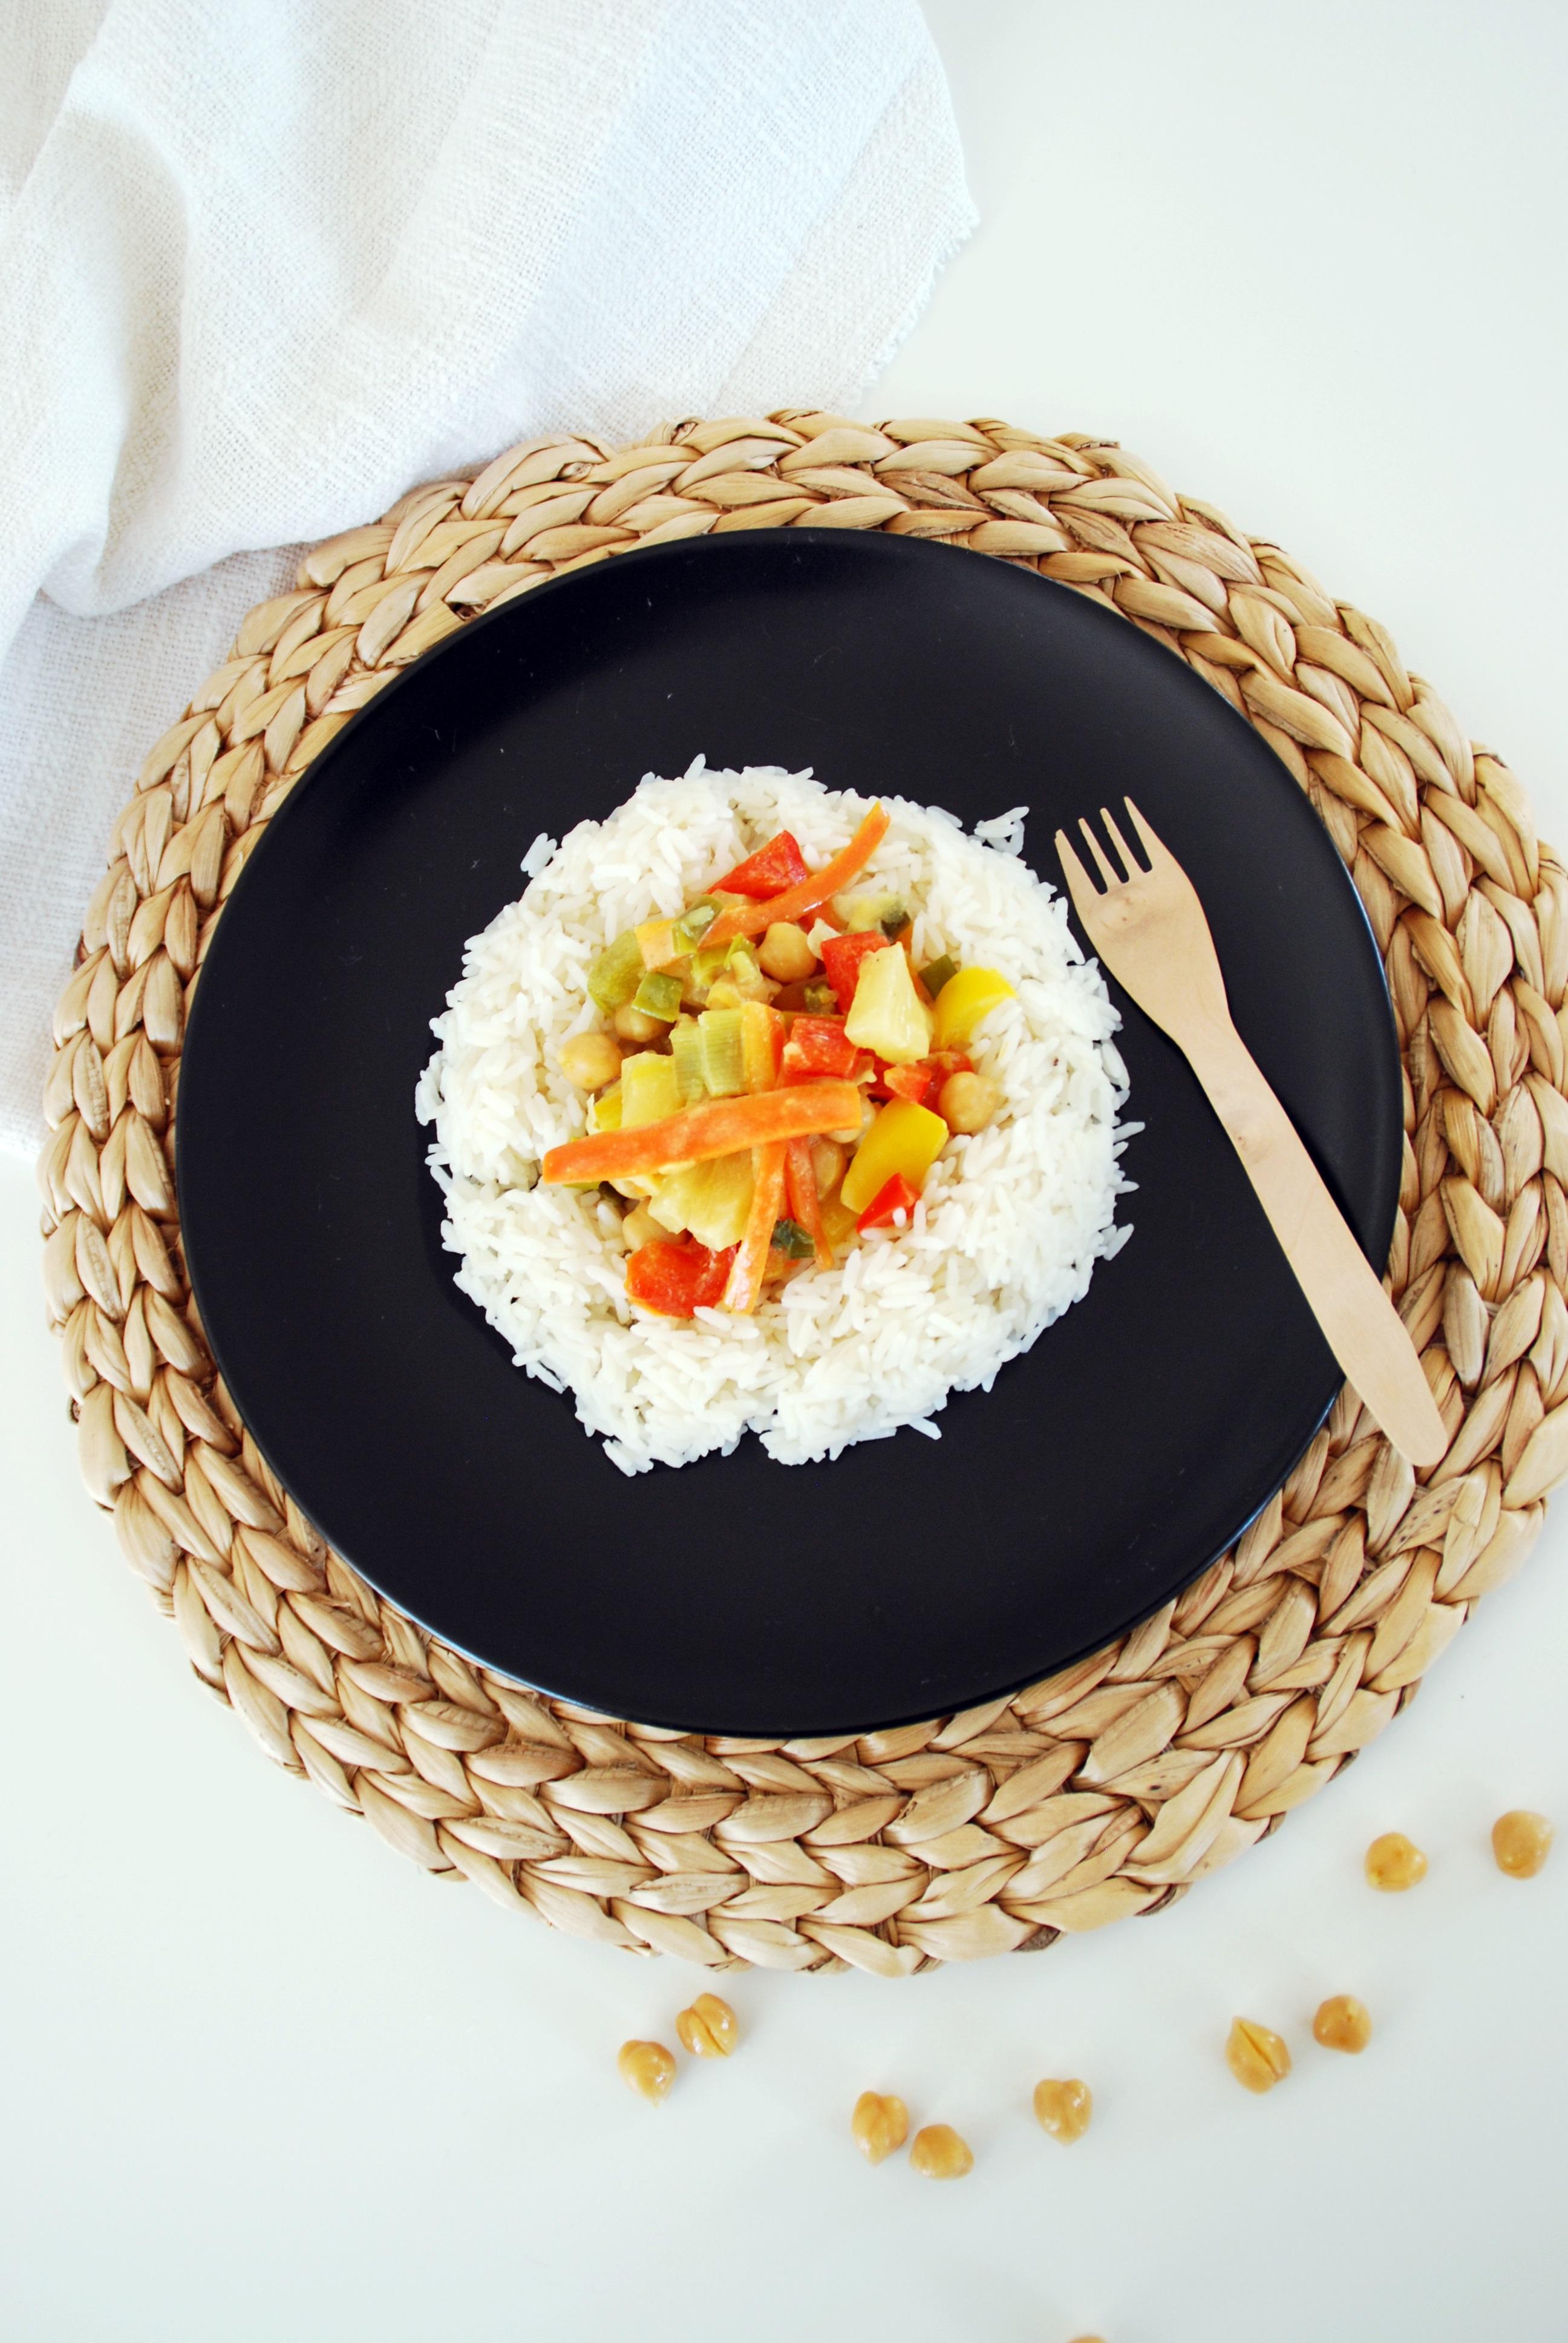 gem securry mit reis vegan vegetarisch kochen. Black Bedroom Furniture Sets. Home Design Ideas